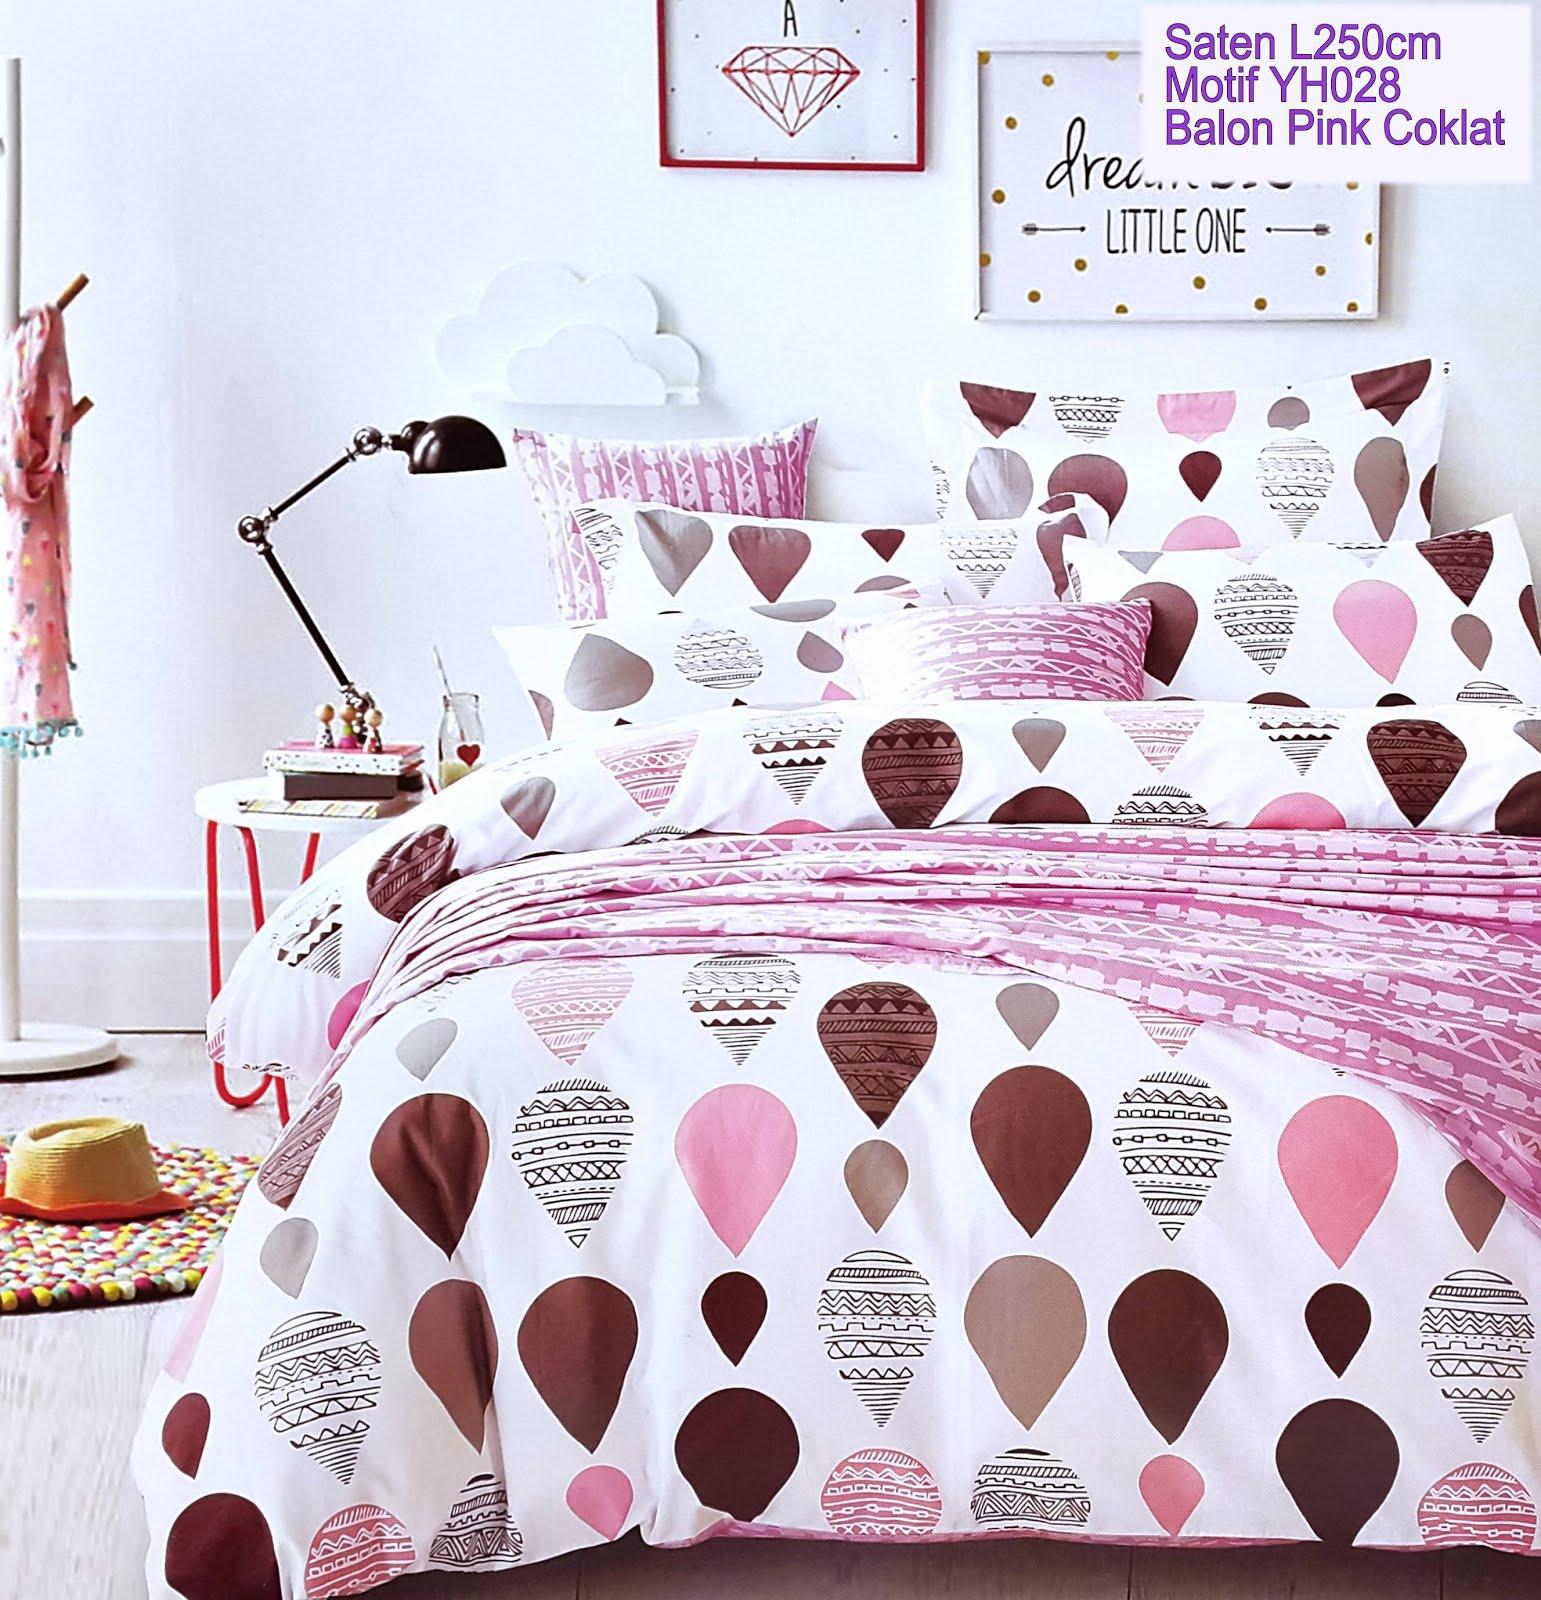 Sprei Motif Balon Pink Coklat